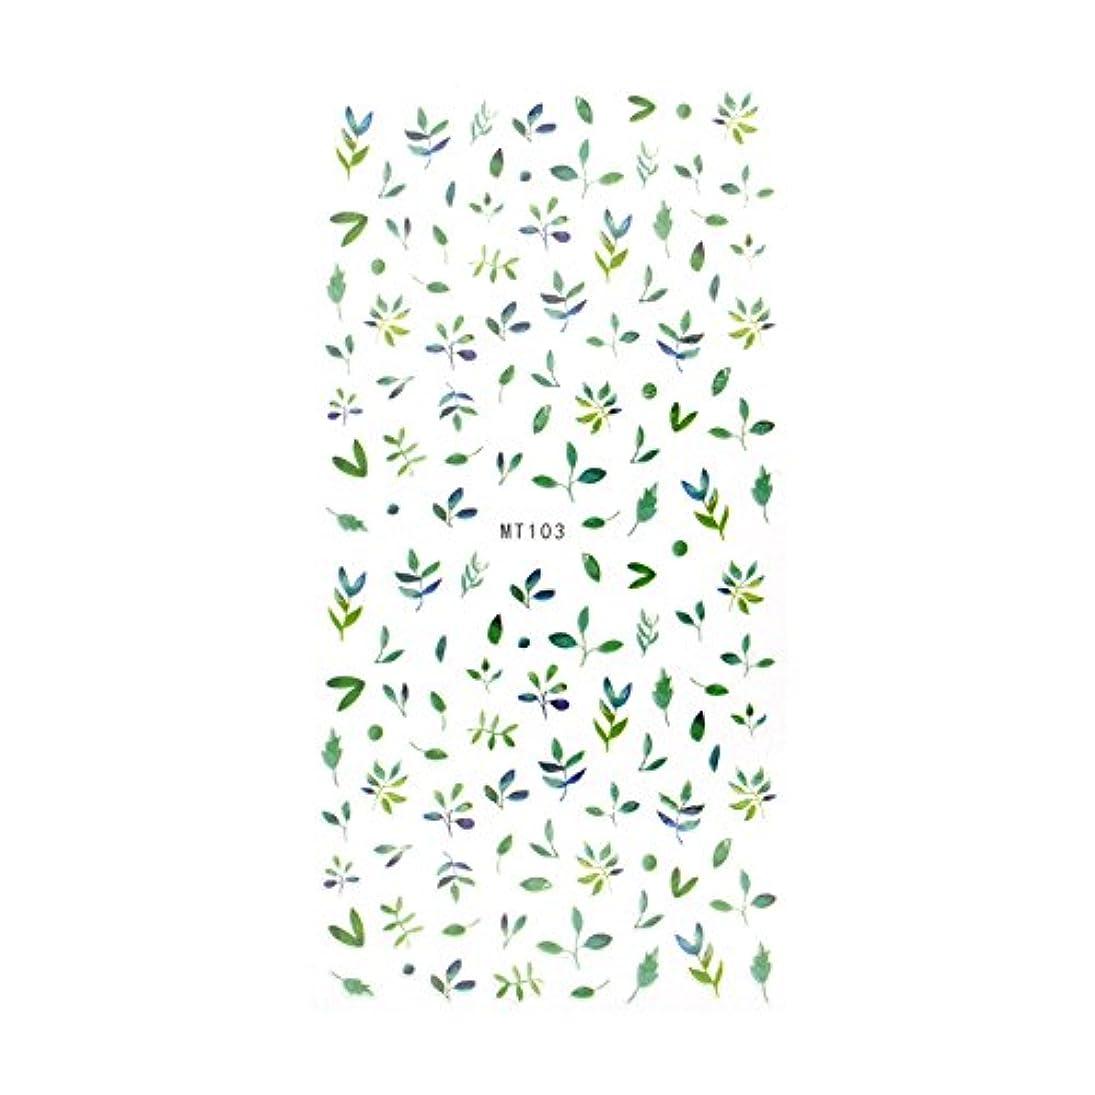 アンティーク素晴らしき緩む【MT103】グリーンリーフネイルシール リーフ 葉 ジェルネイル シール 緑 植物 ボタニカル